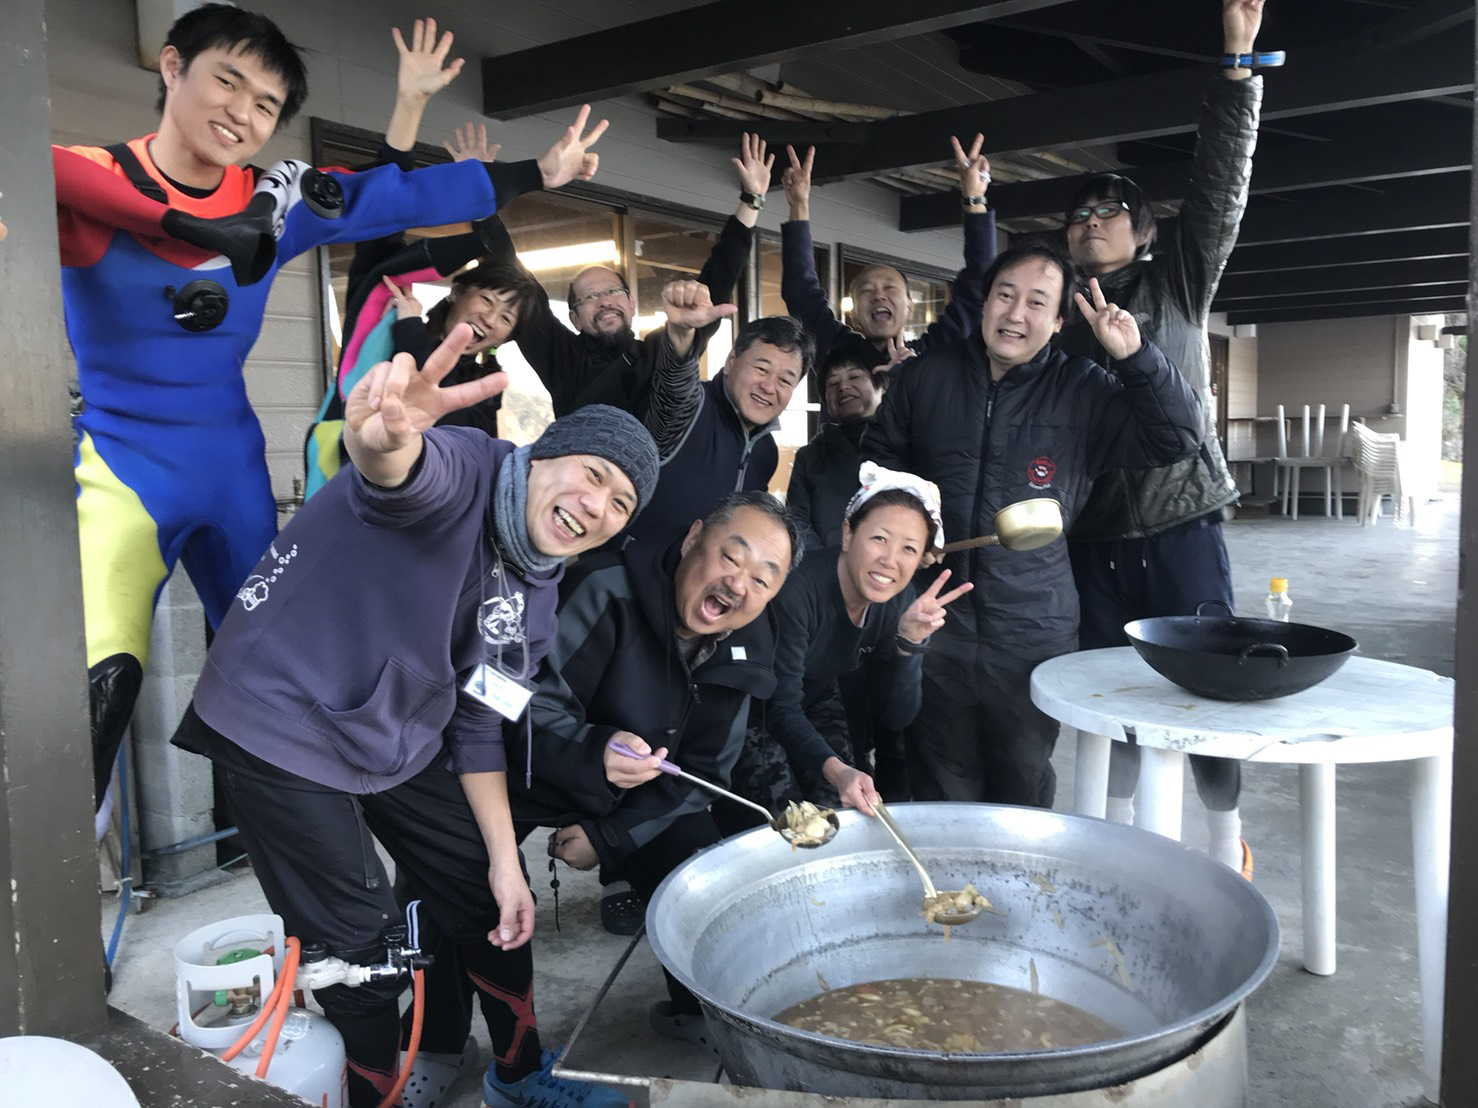 芋煮:静岡県西伊豆町黄金崎公園ビーチのダイビングで見れました。ここはダイビングはもちろんシュノーケリング(スノーケリング)や体験ダイビングも楽しめる絶景ポイントです。